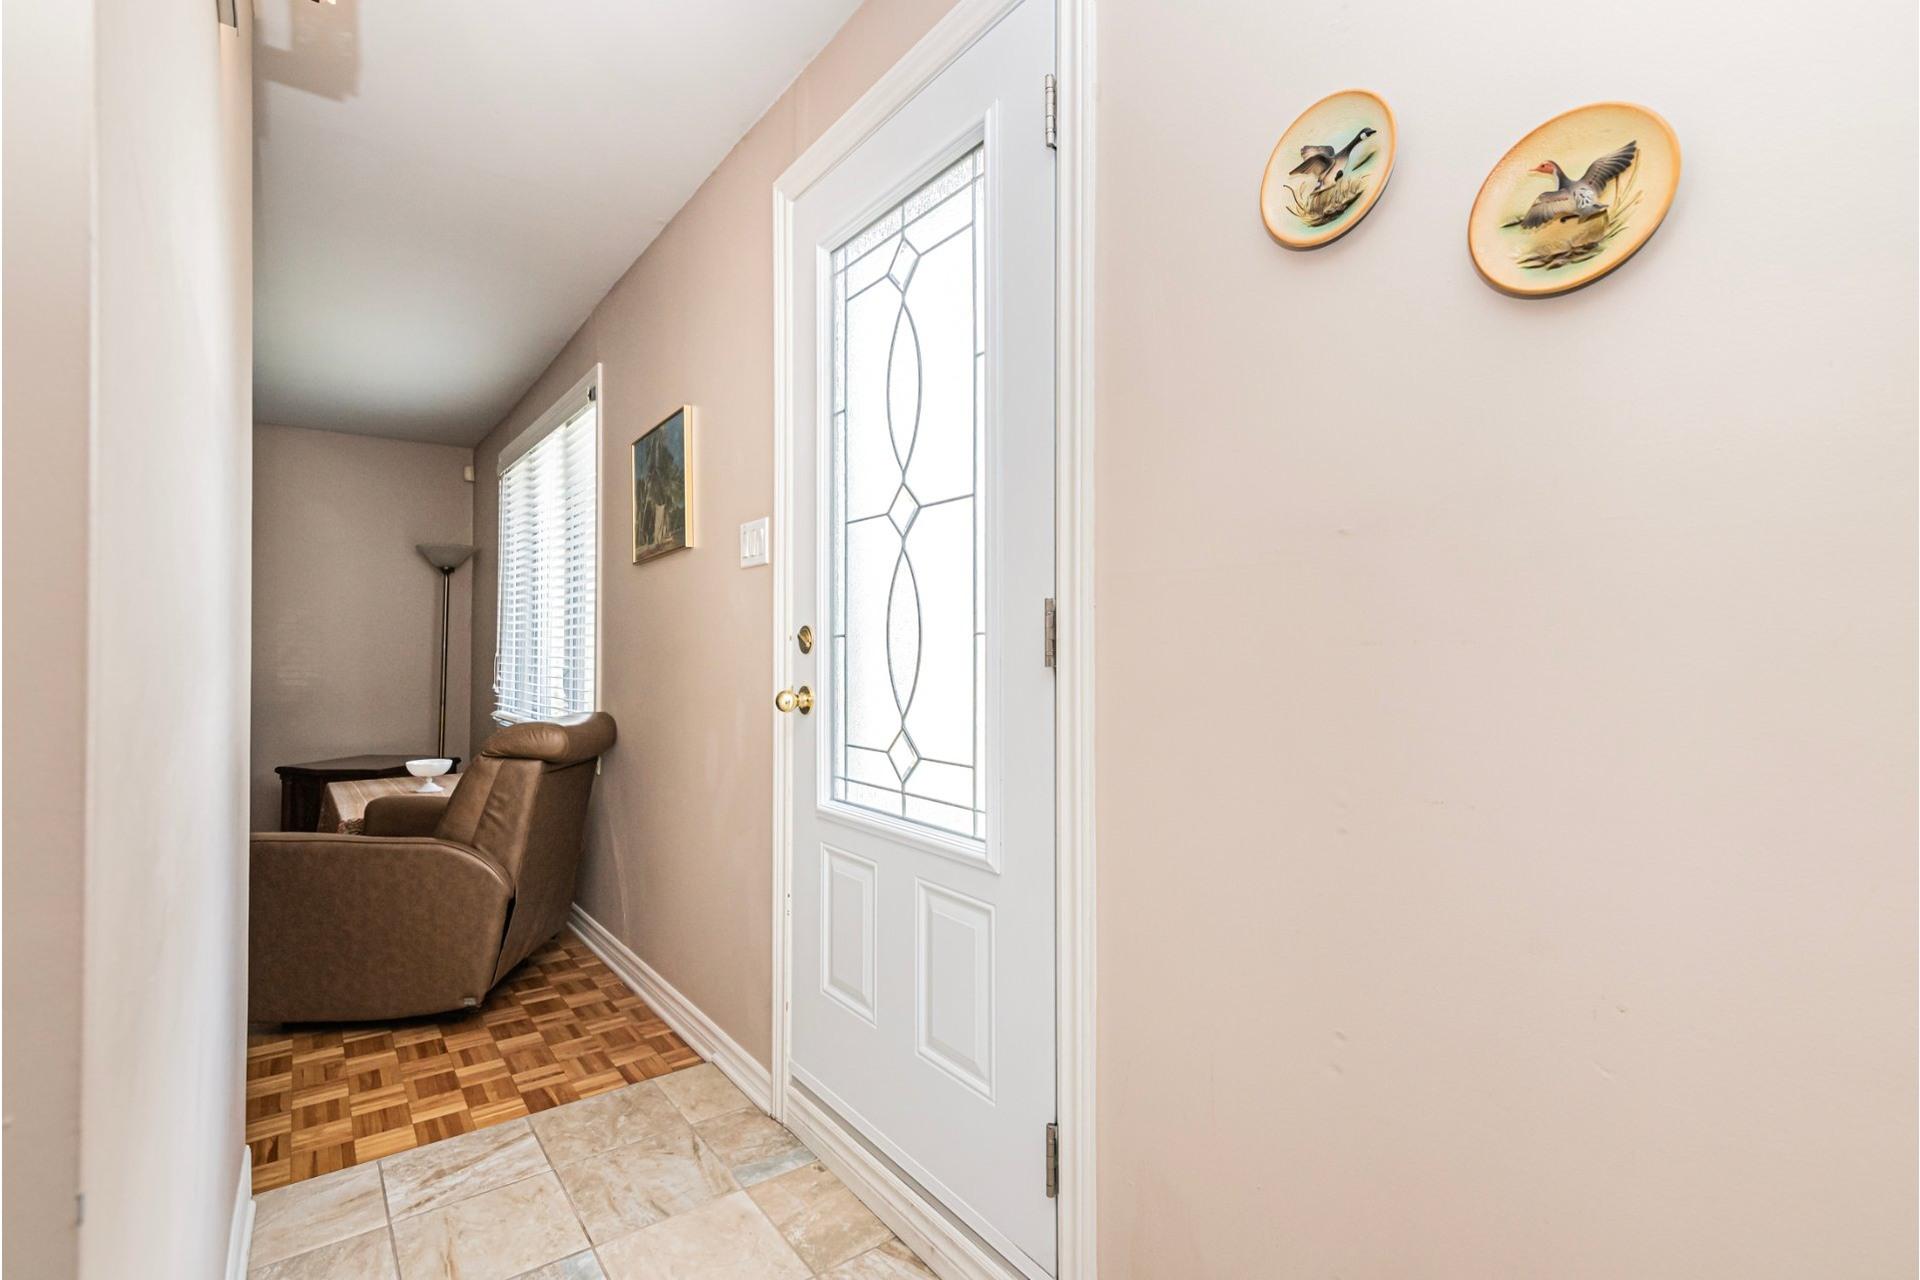 image 7 - Maison À vendre Fabreville Laval  - 9 pièces